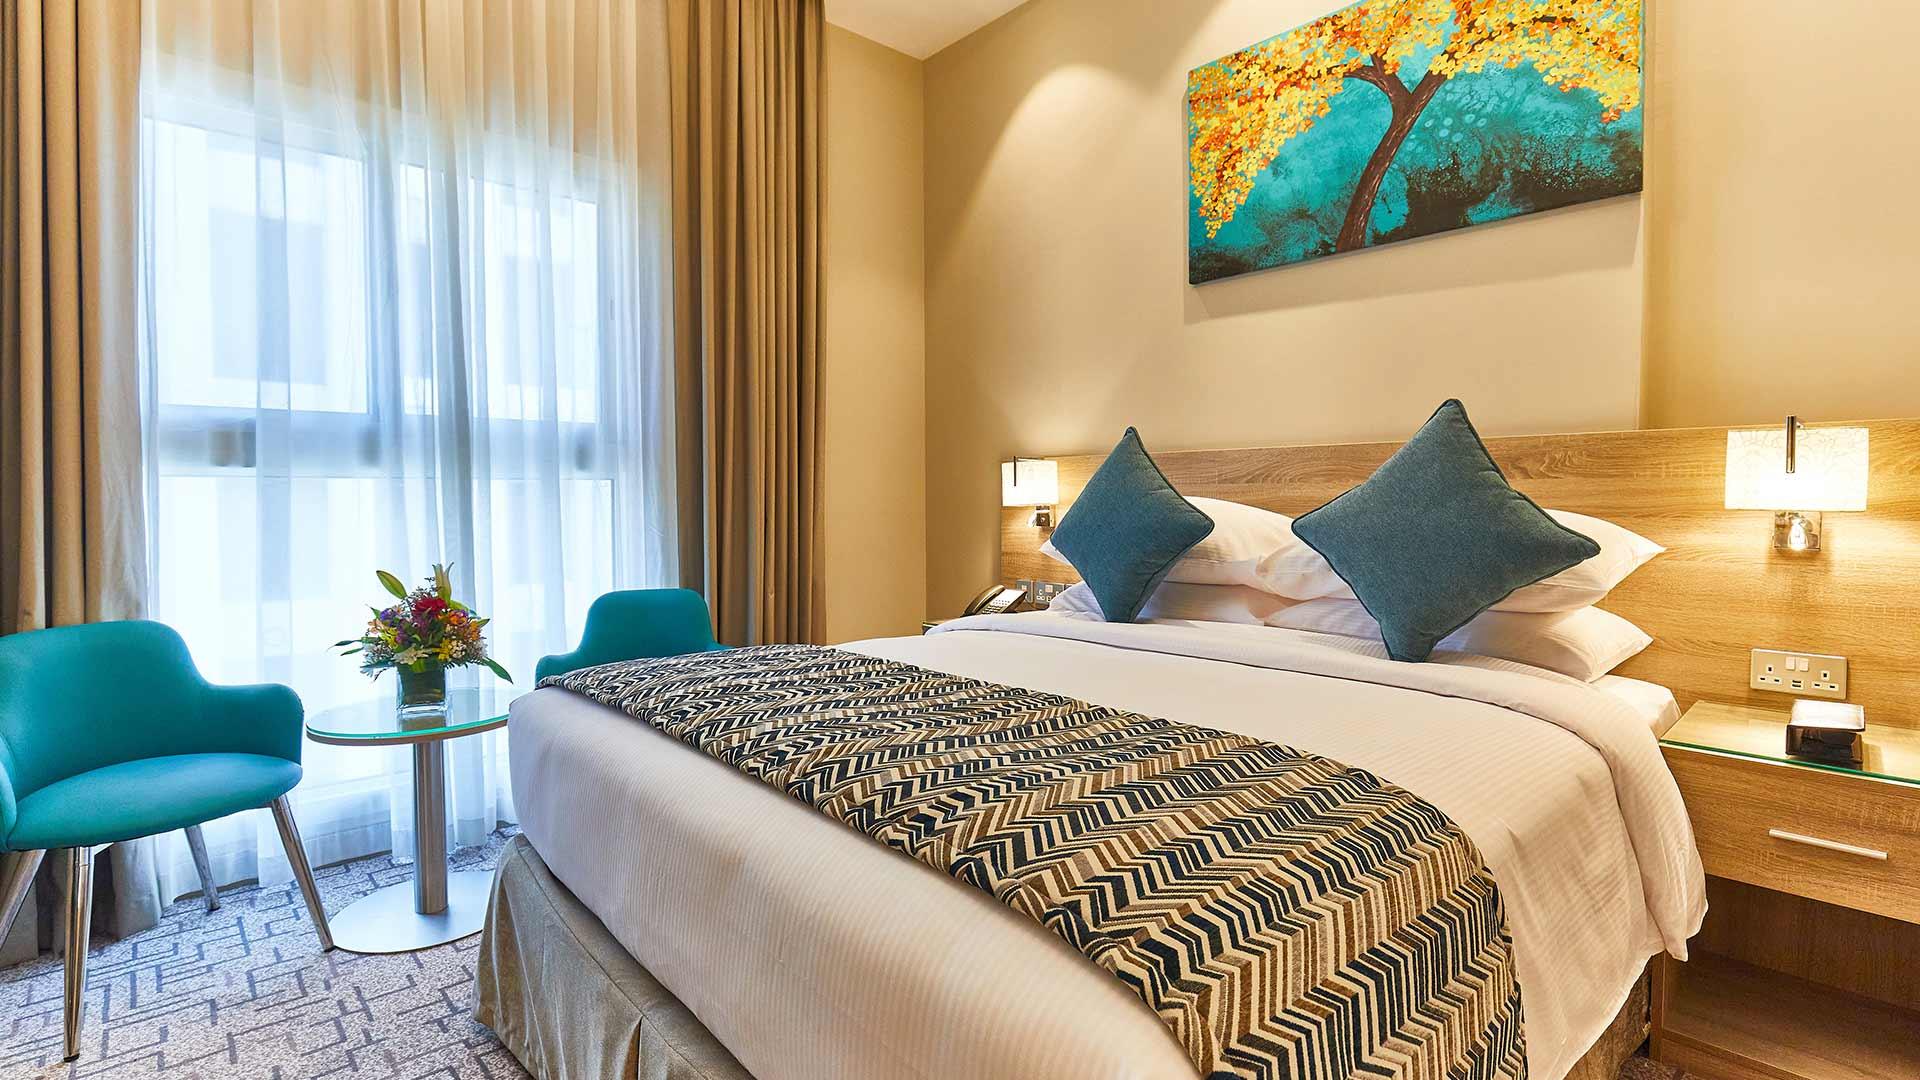 Роза Плаза отель - Аль Барша (3 звезды)